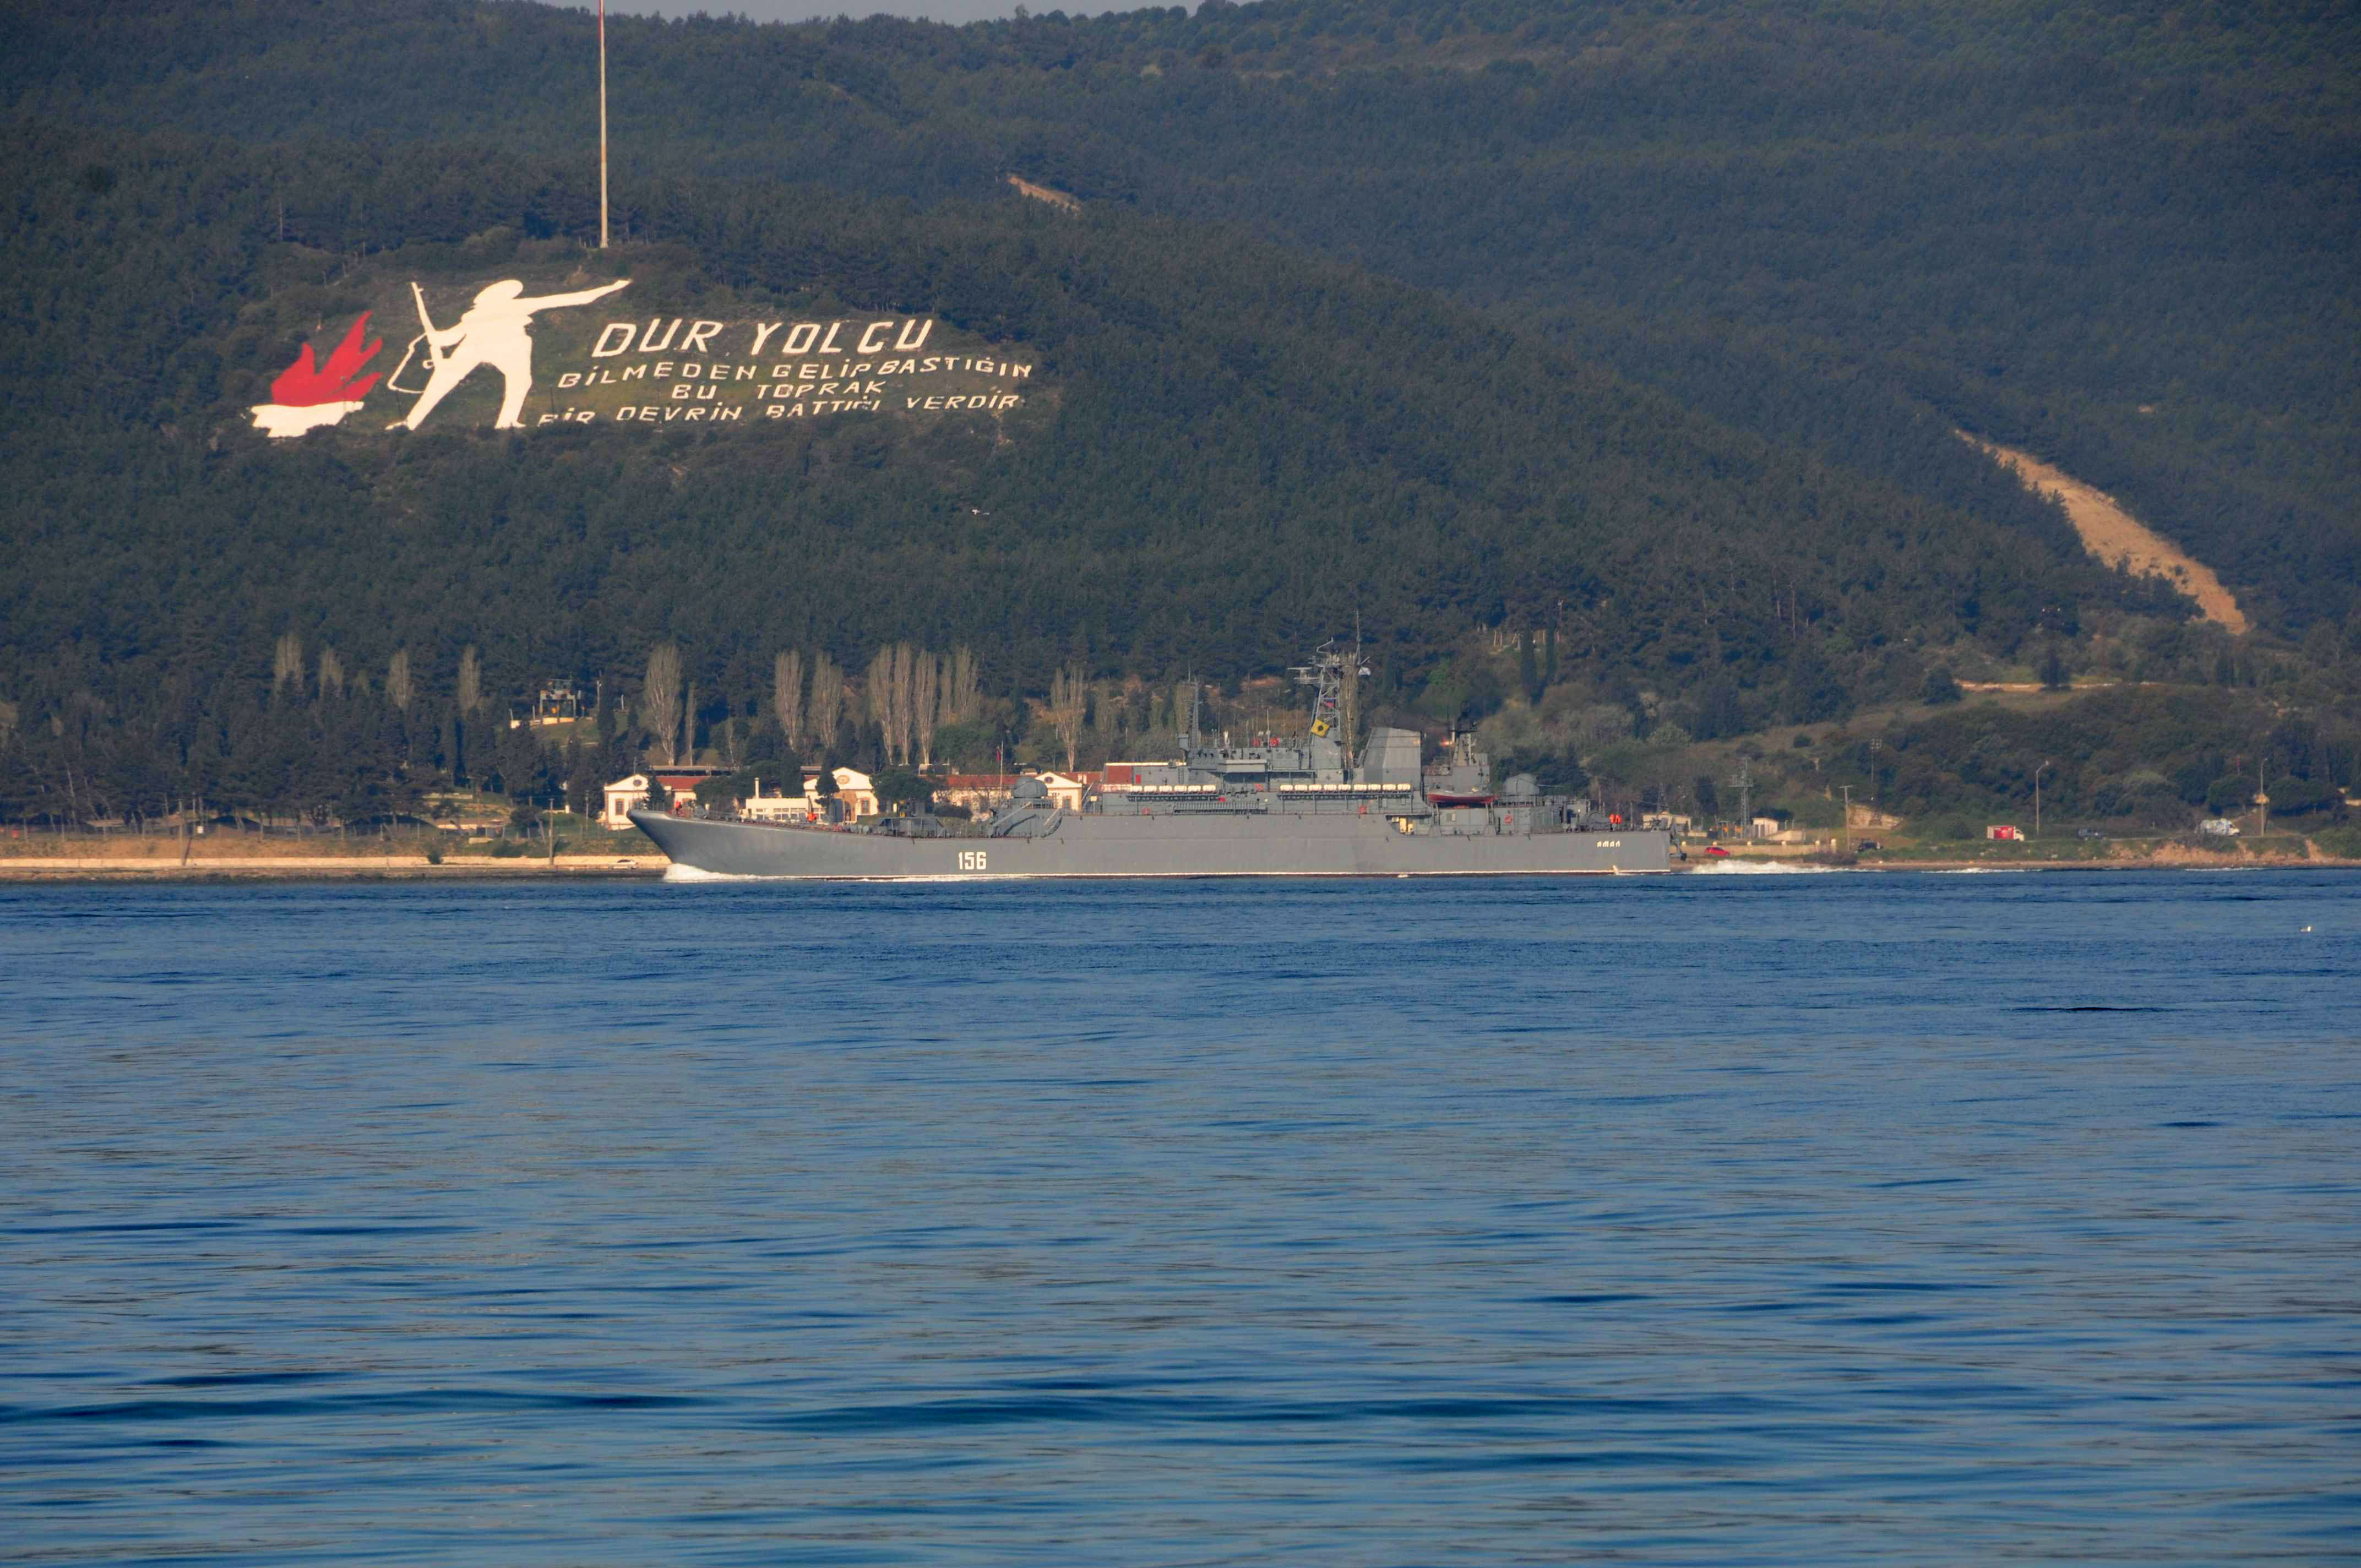 Rus savas gemileri Canakkale Bogazi'ndan gecti